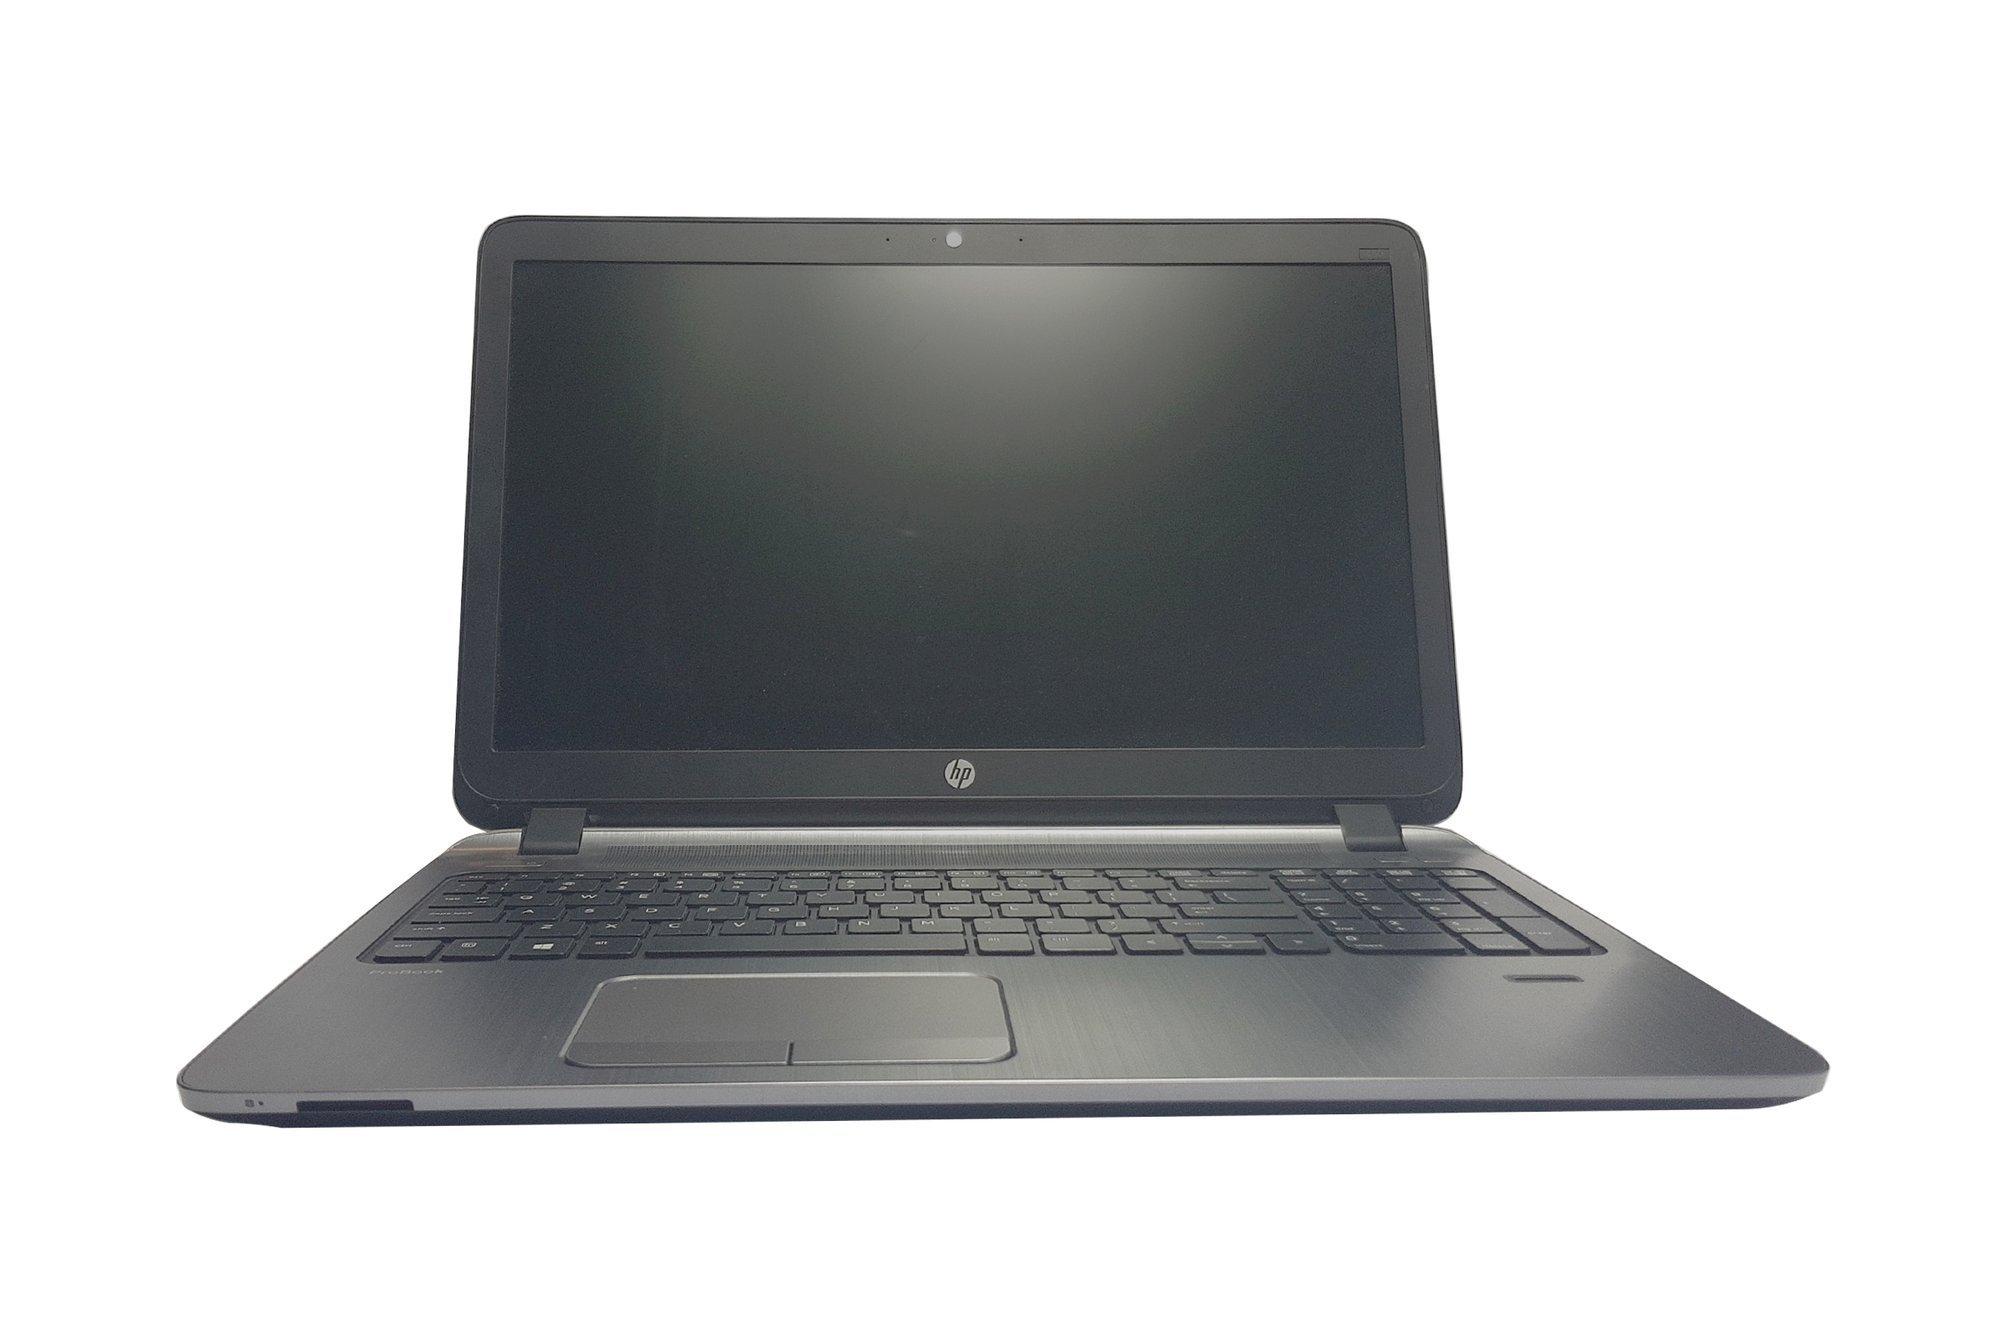 Notebook HP ProBook 450 G2 i7-4510U 4GB Win10